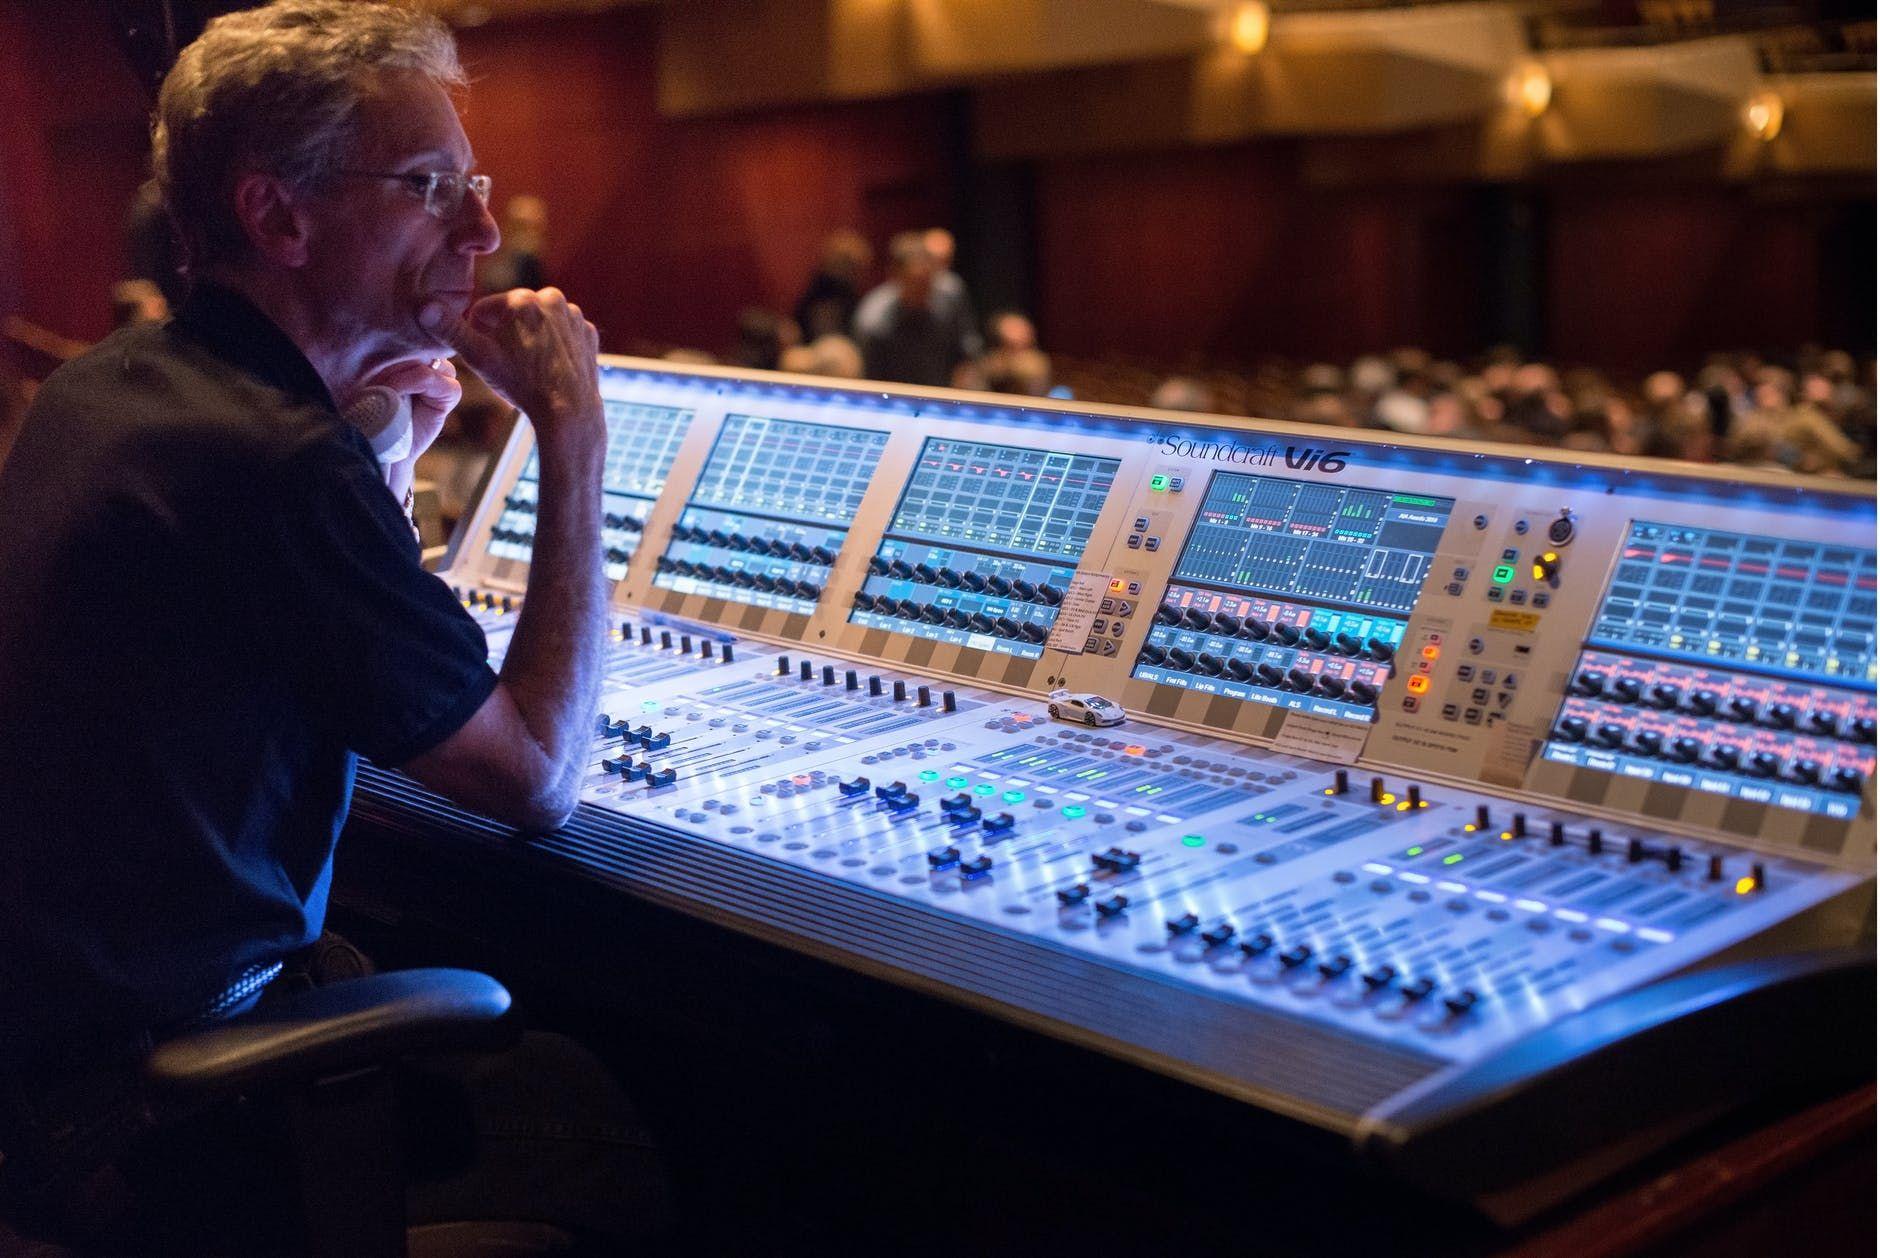 Técnico de áudio diante de uma mderna mesa de som, controlando a sonorização de um teatro